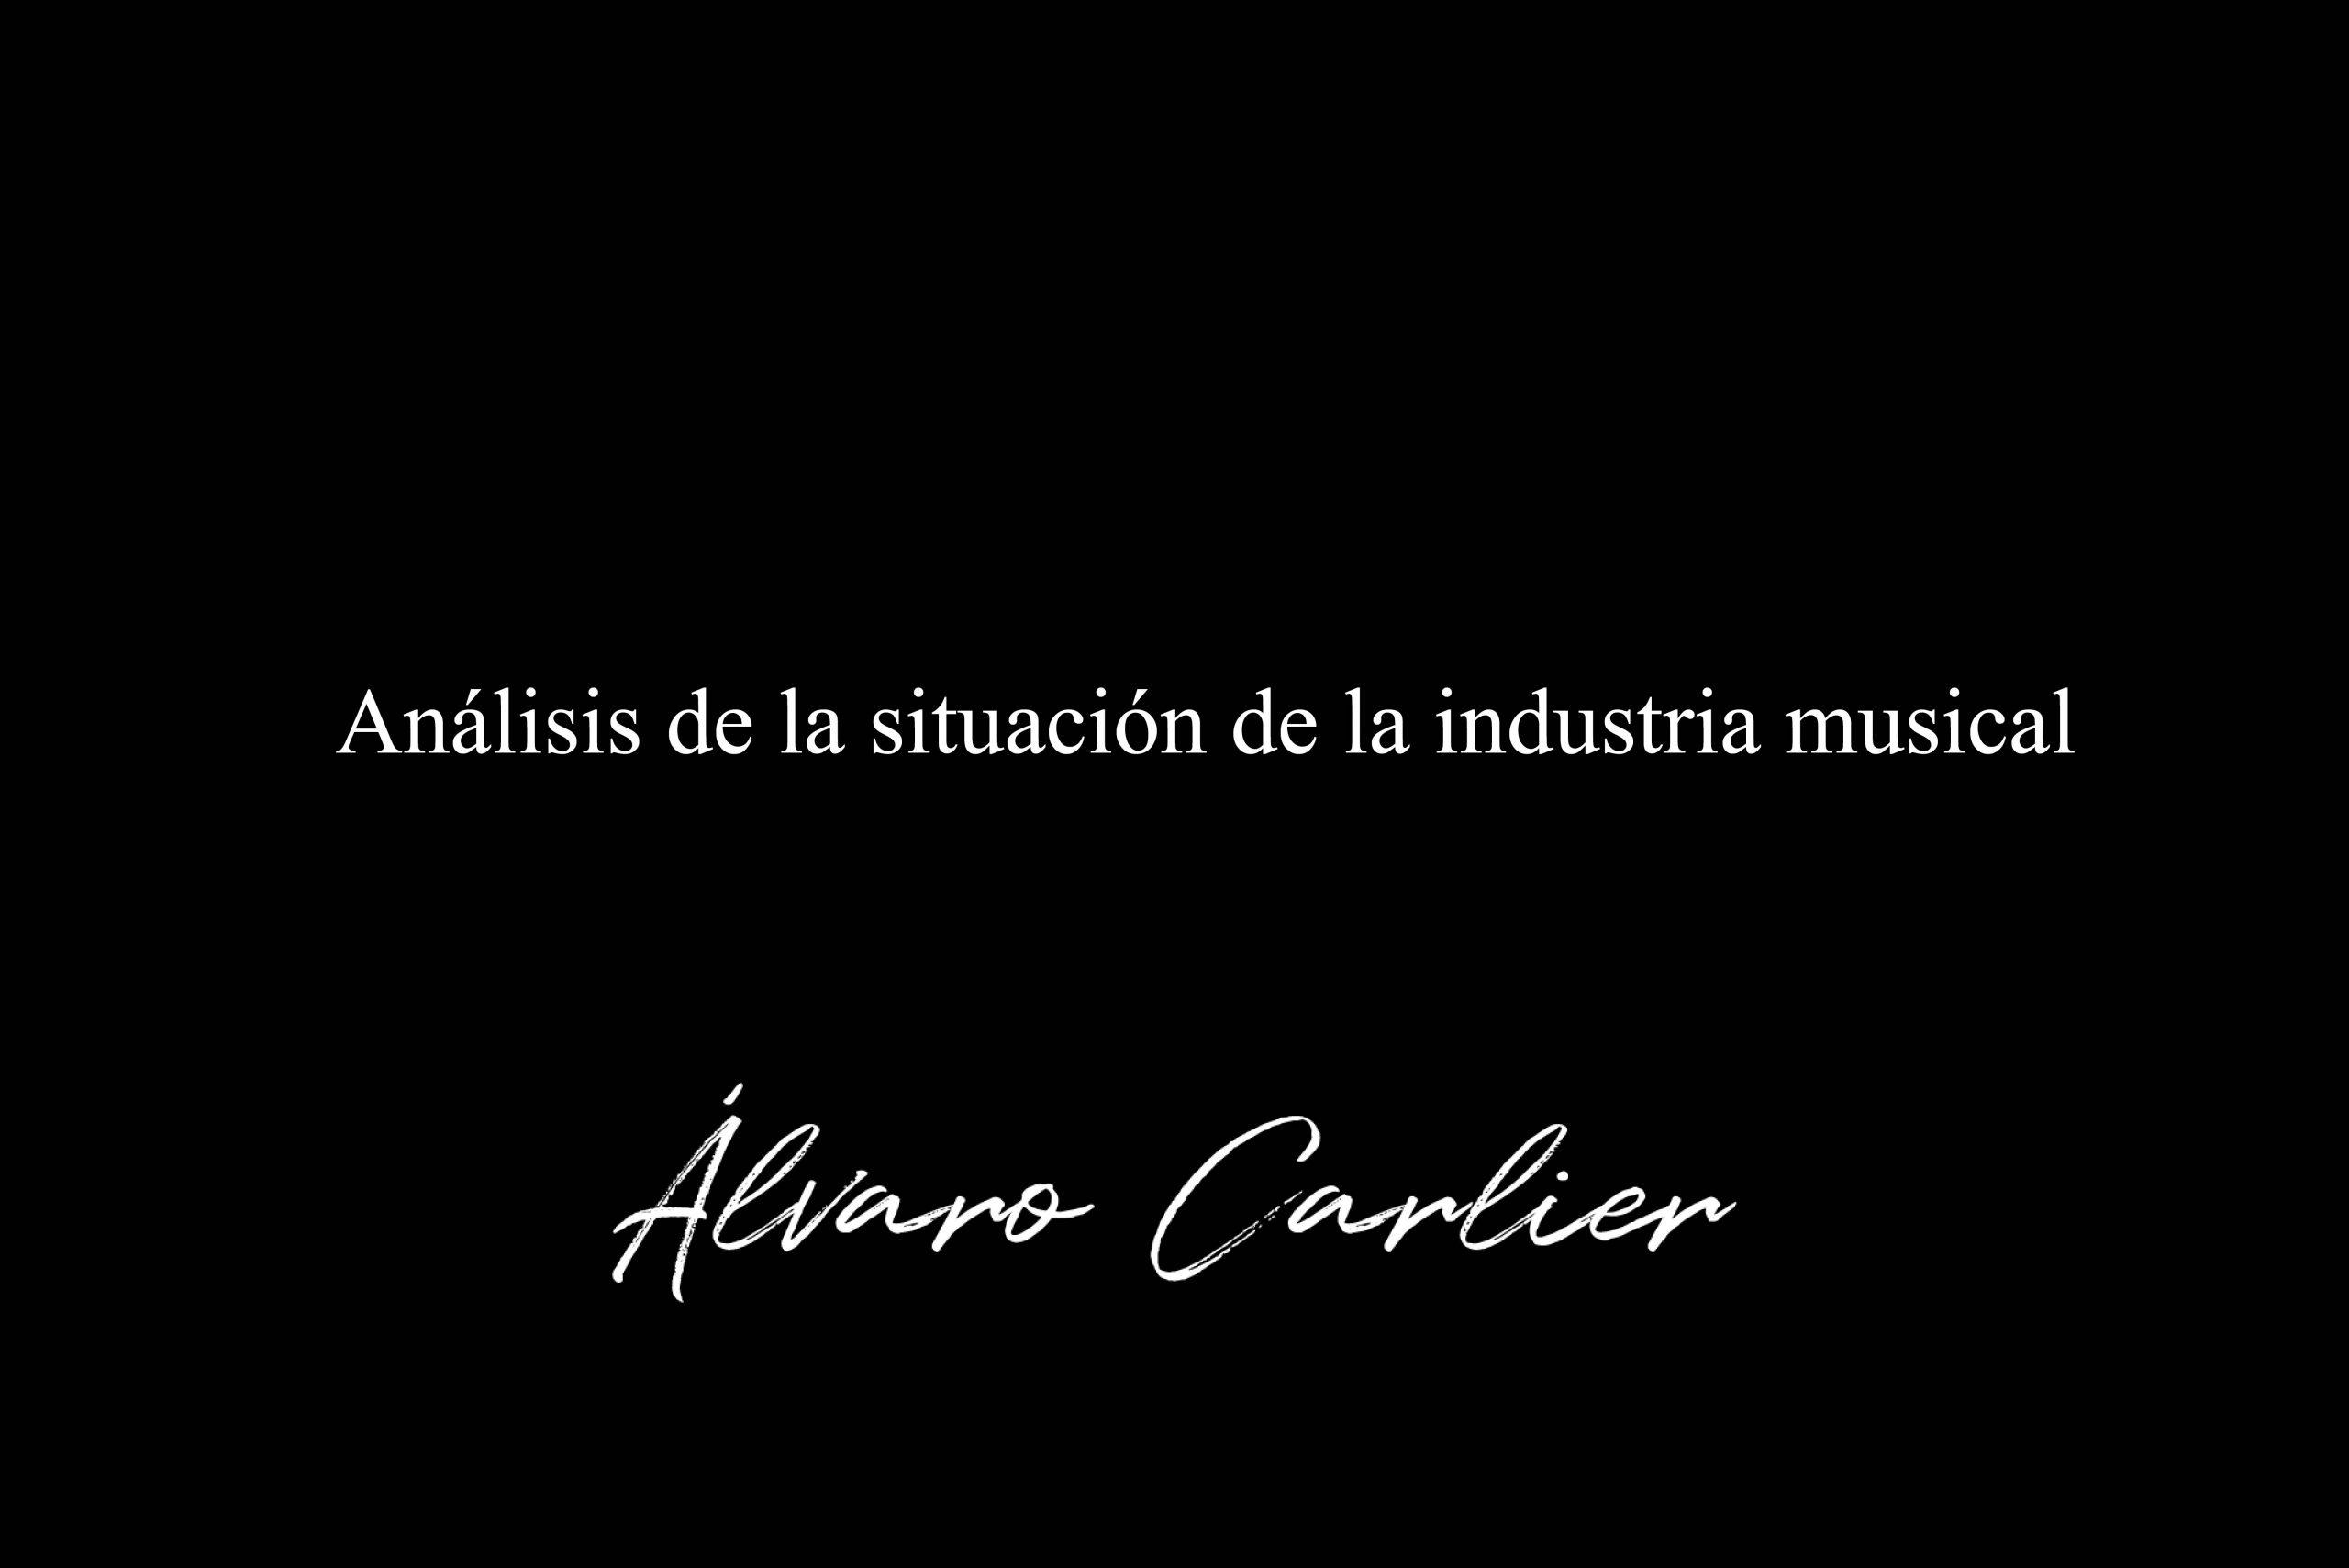 Análisis de la situación de la industria musical